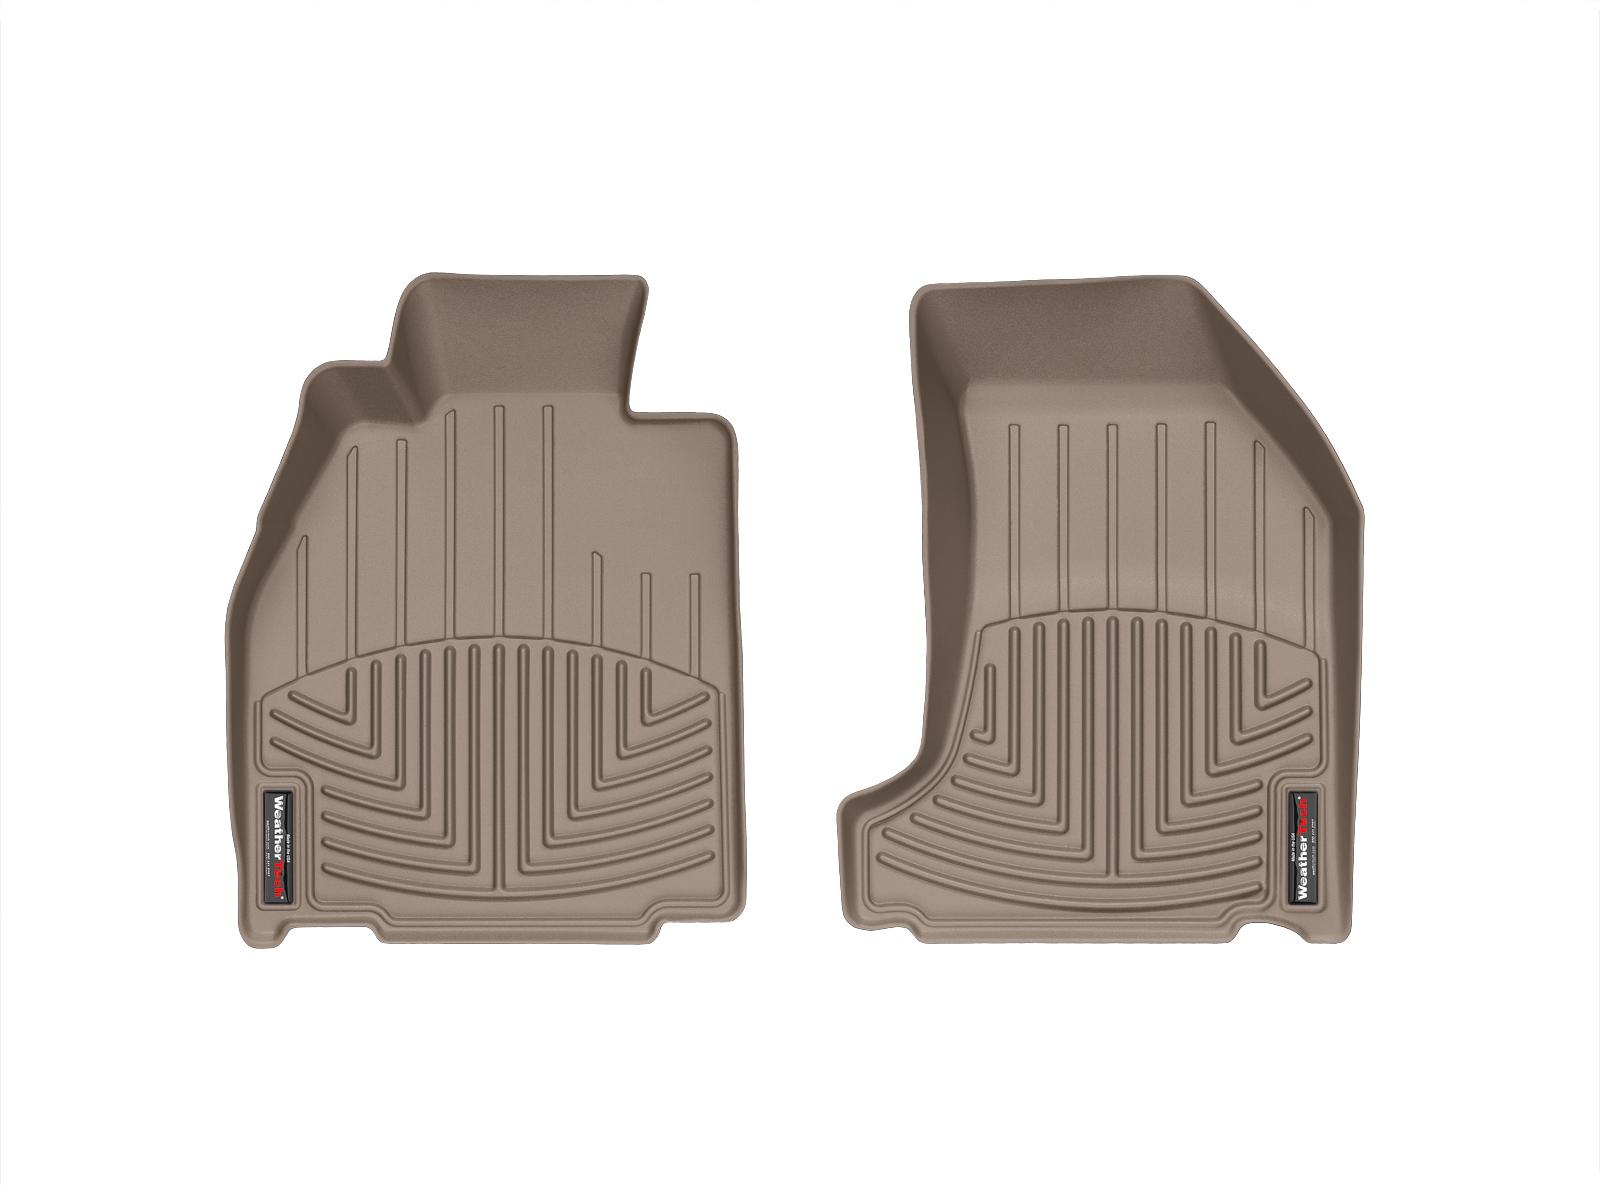 Tappeti gomma su misura bordo alto Porsche® Cayman® 06>12 Marrone A3156*